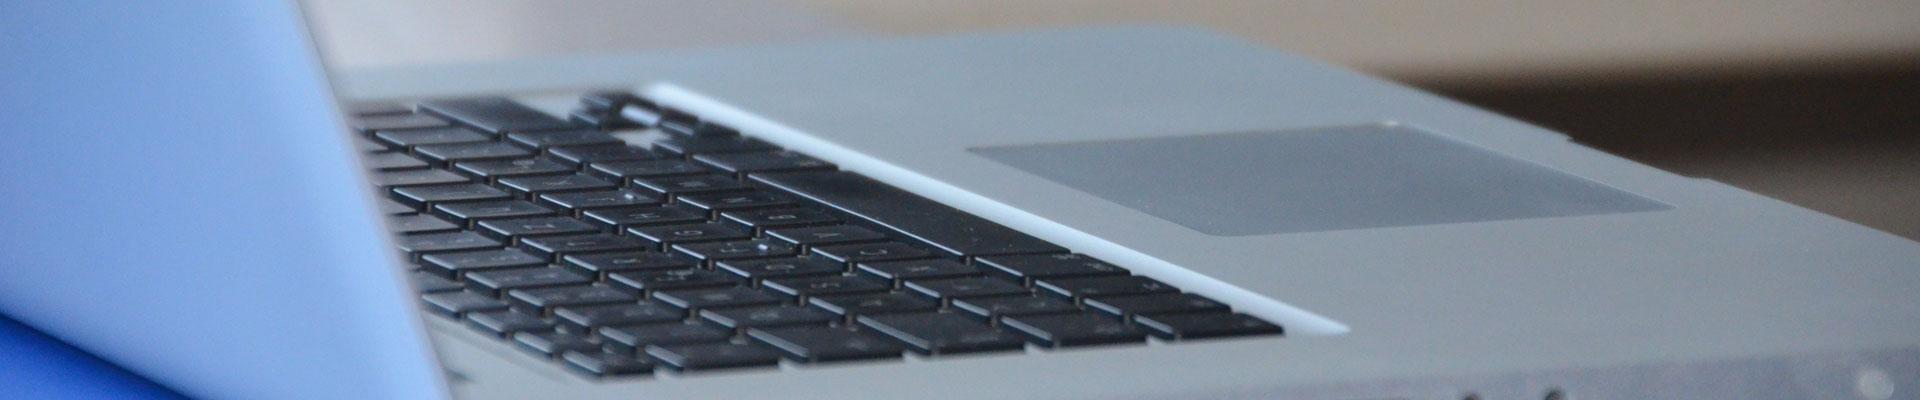 Laptop_HD